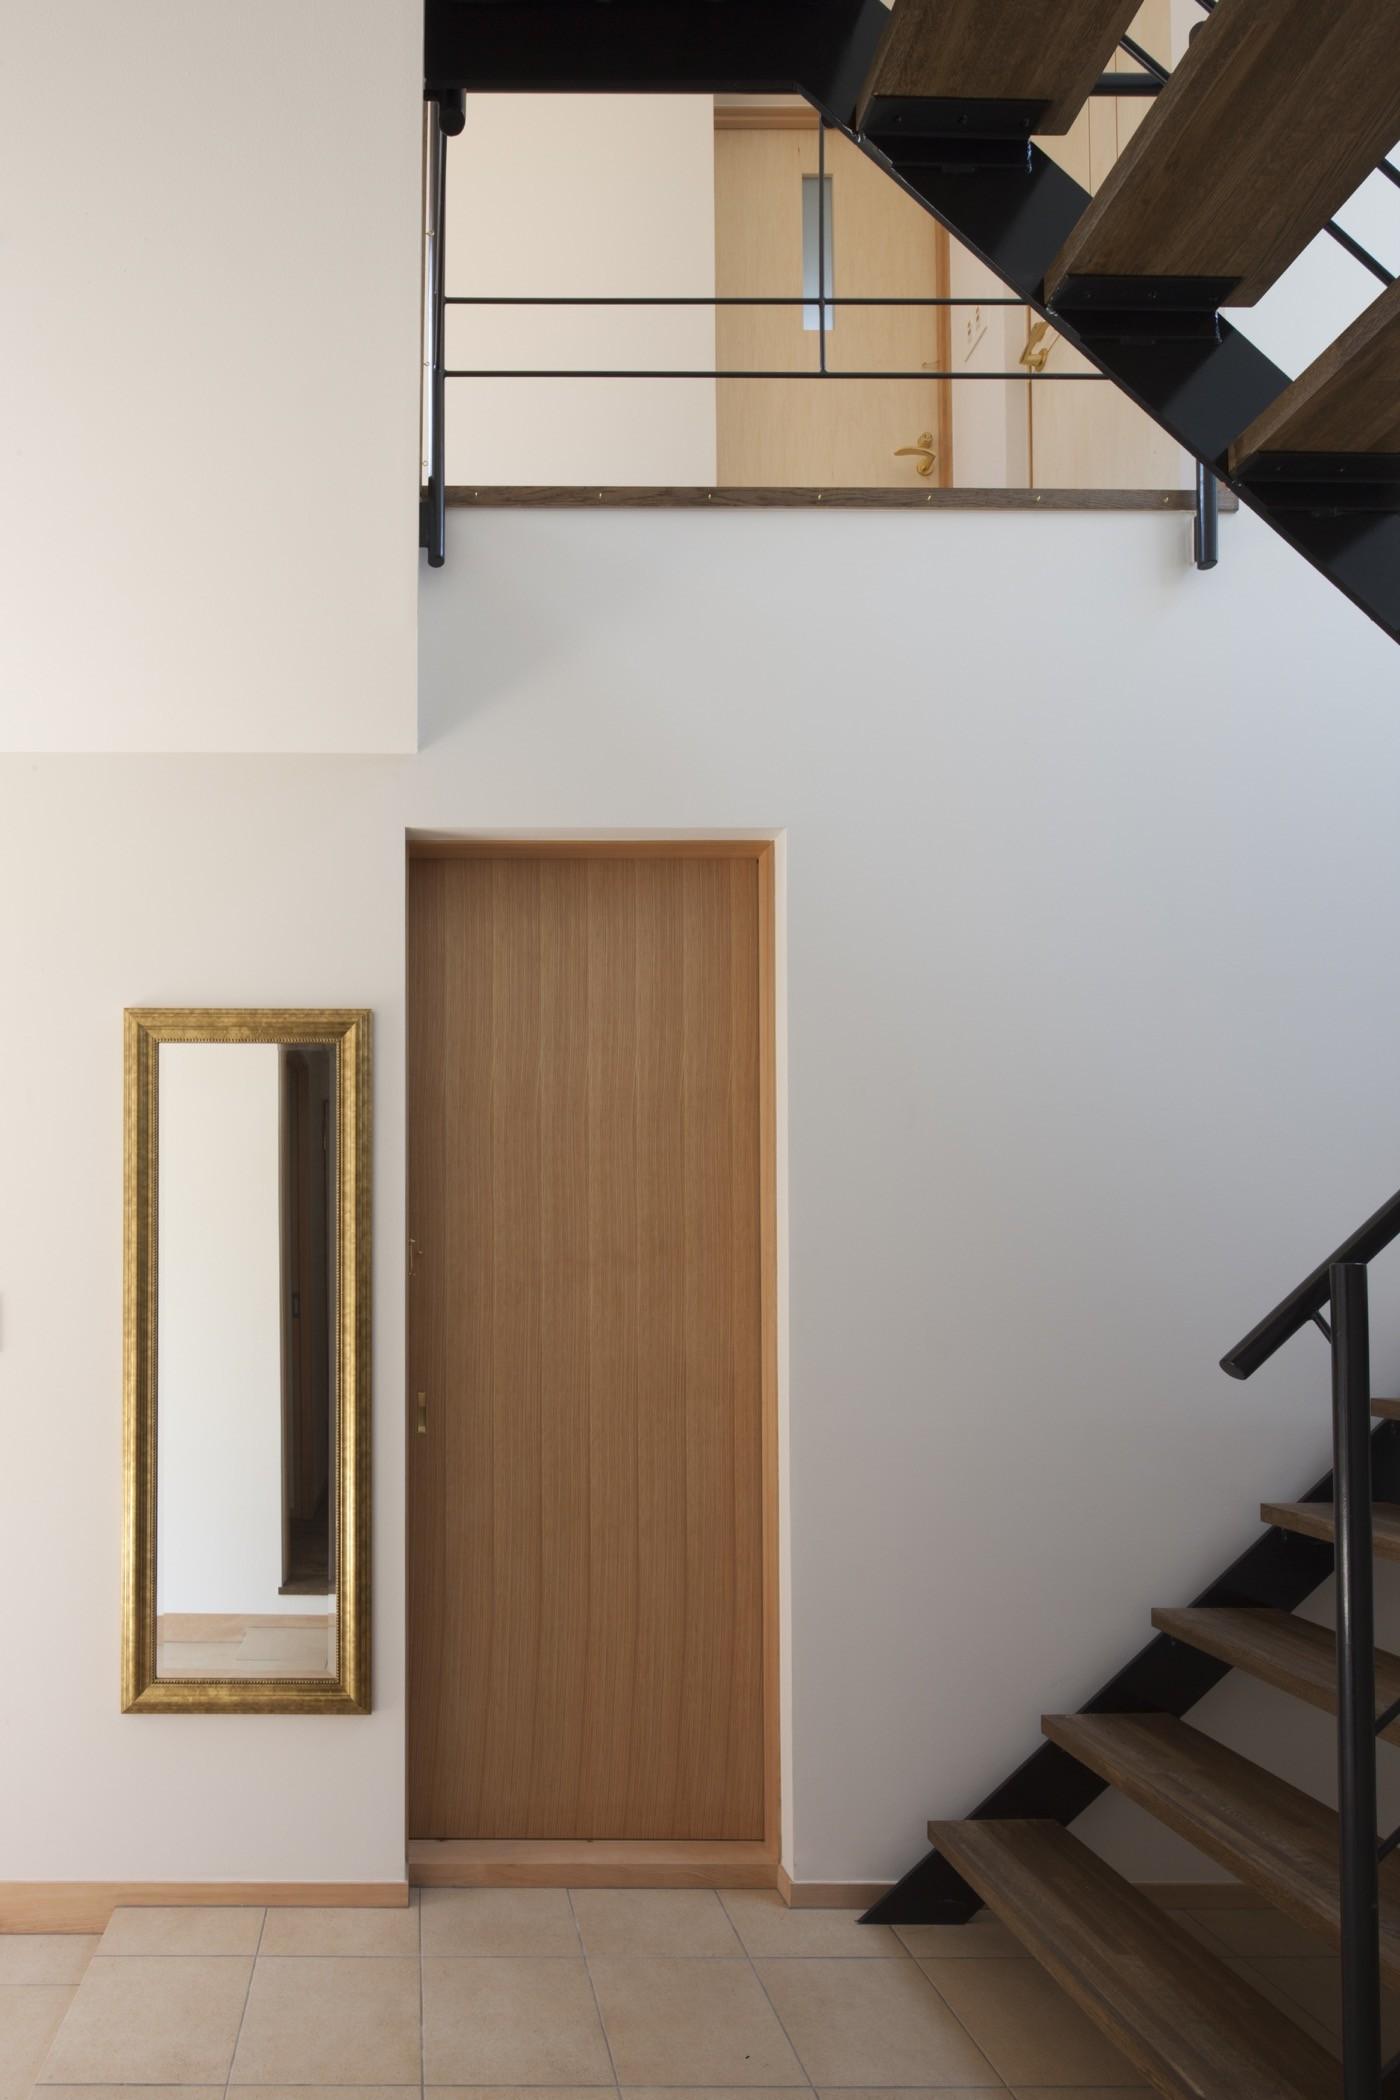 玄関事例:鉄骨階段がアクセントになったシンプルな玄関ホール(岡本の家/2階テラスを中心とした木の温もりを感じる心地よい住まい)